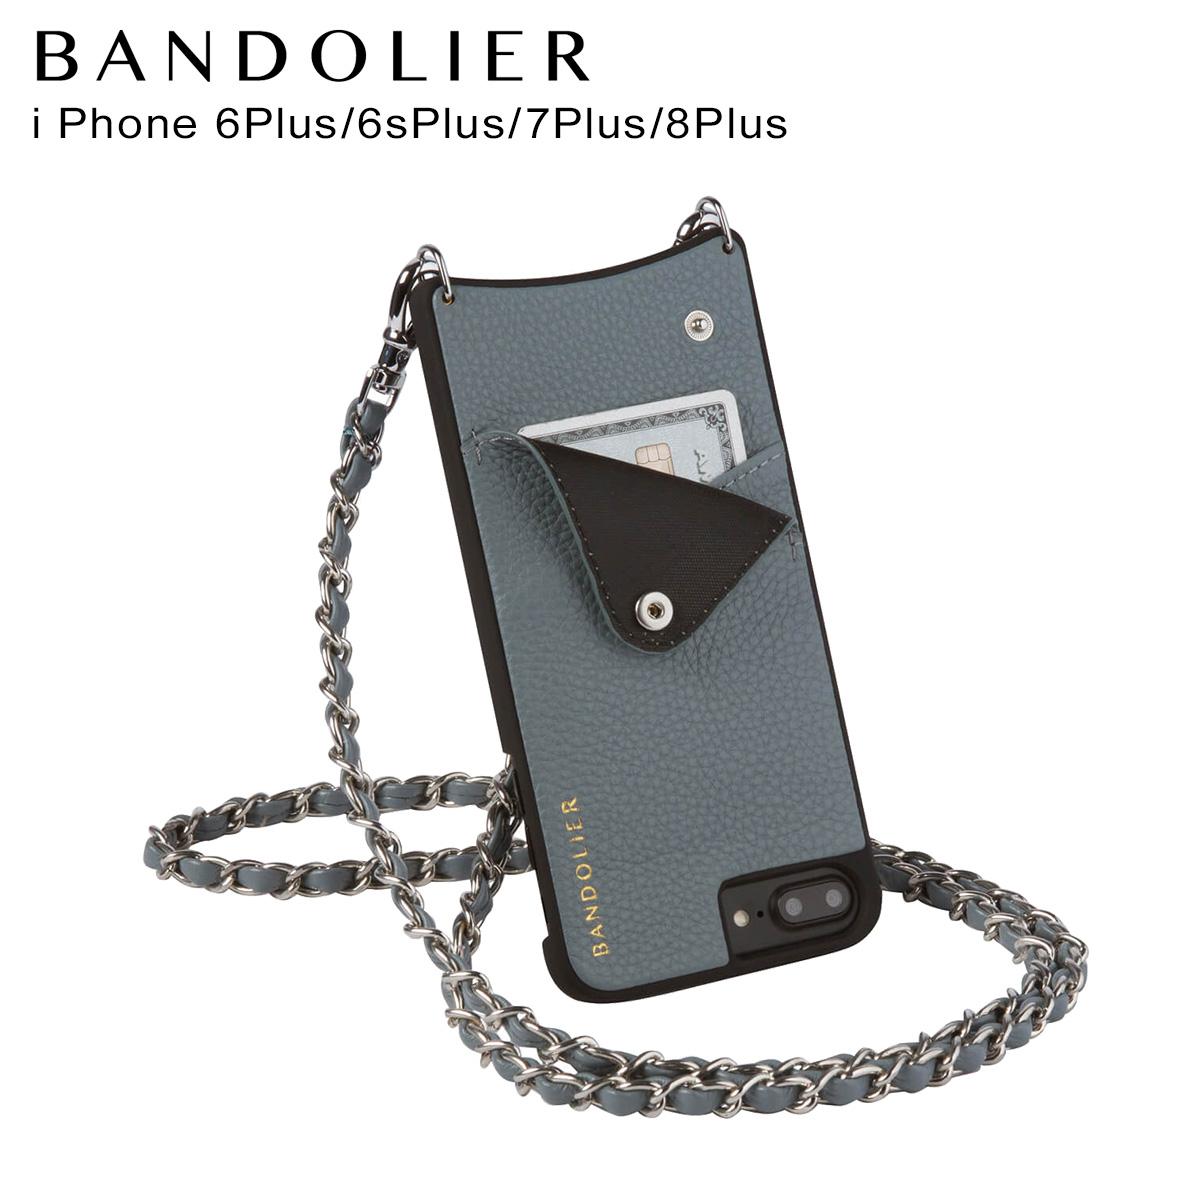 【最大2000円OFFクーポン配布】 バンドリヤー BANDOLIER iPhone8Plus iPhone7Plus 6sPlus ケース スマホ アイフォン プラス LUCY STORM メンズ レディース [12/3 新入荷]